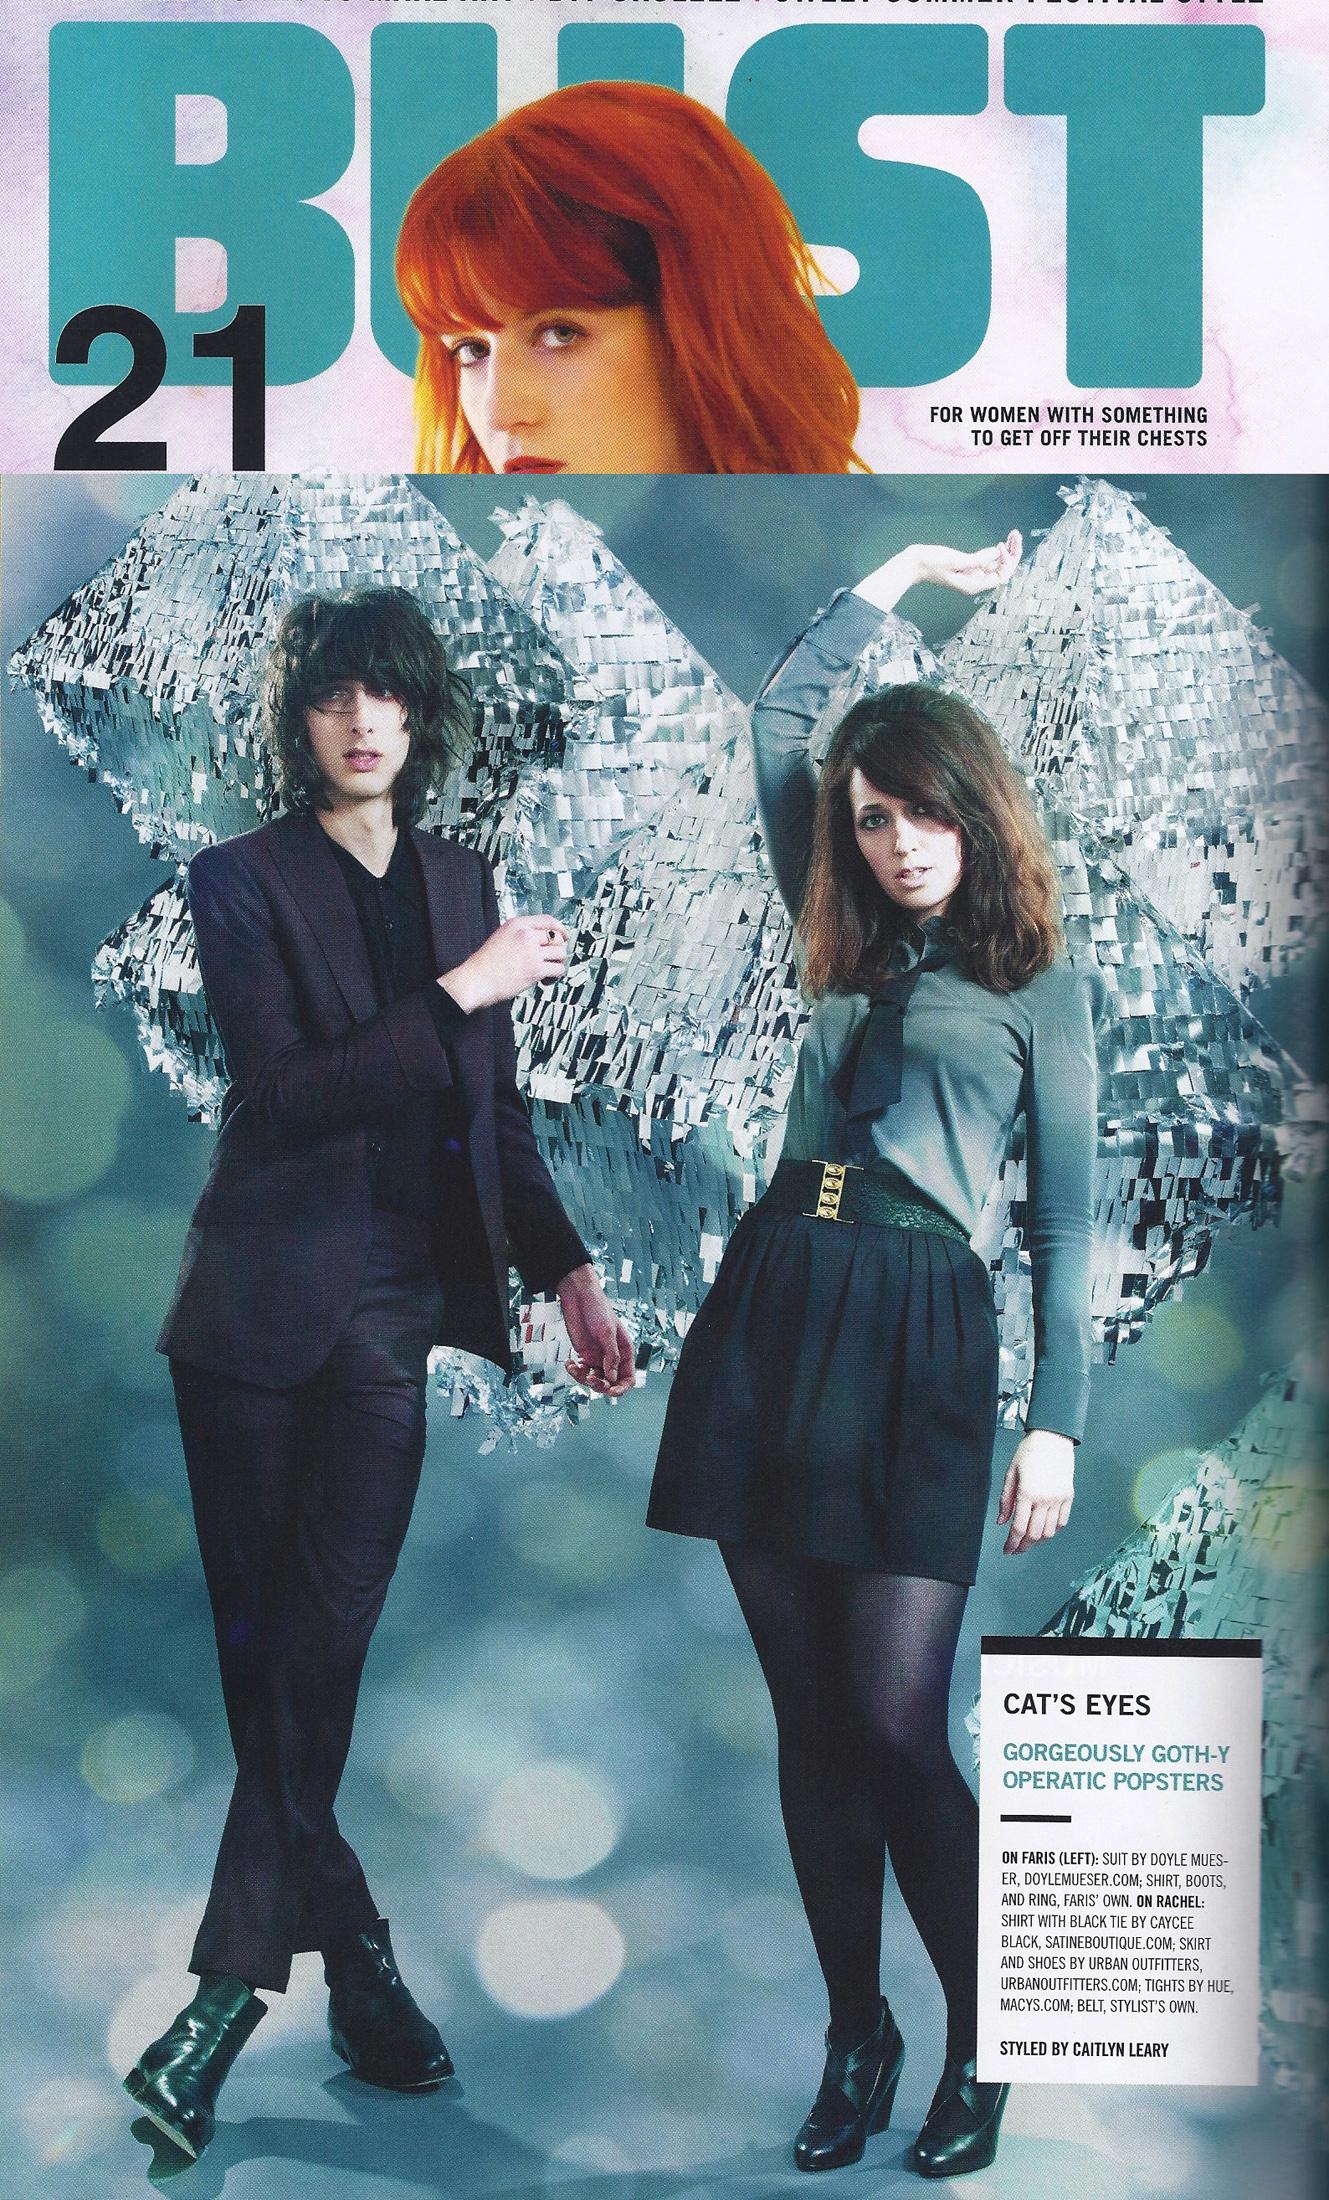 Gothy Fashion - Bust Magazine - Fall Fashion